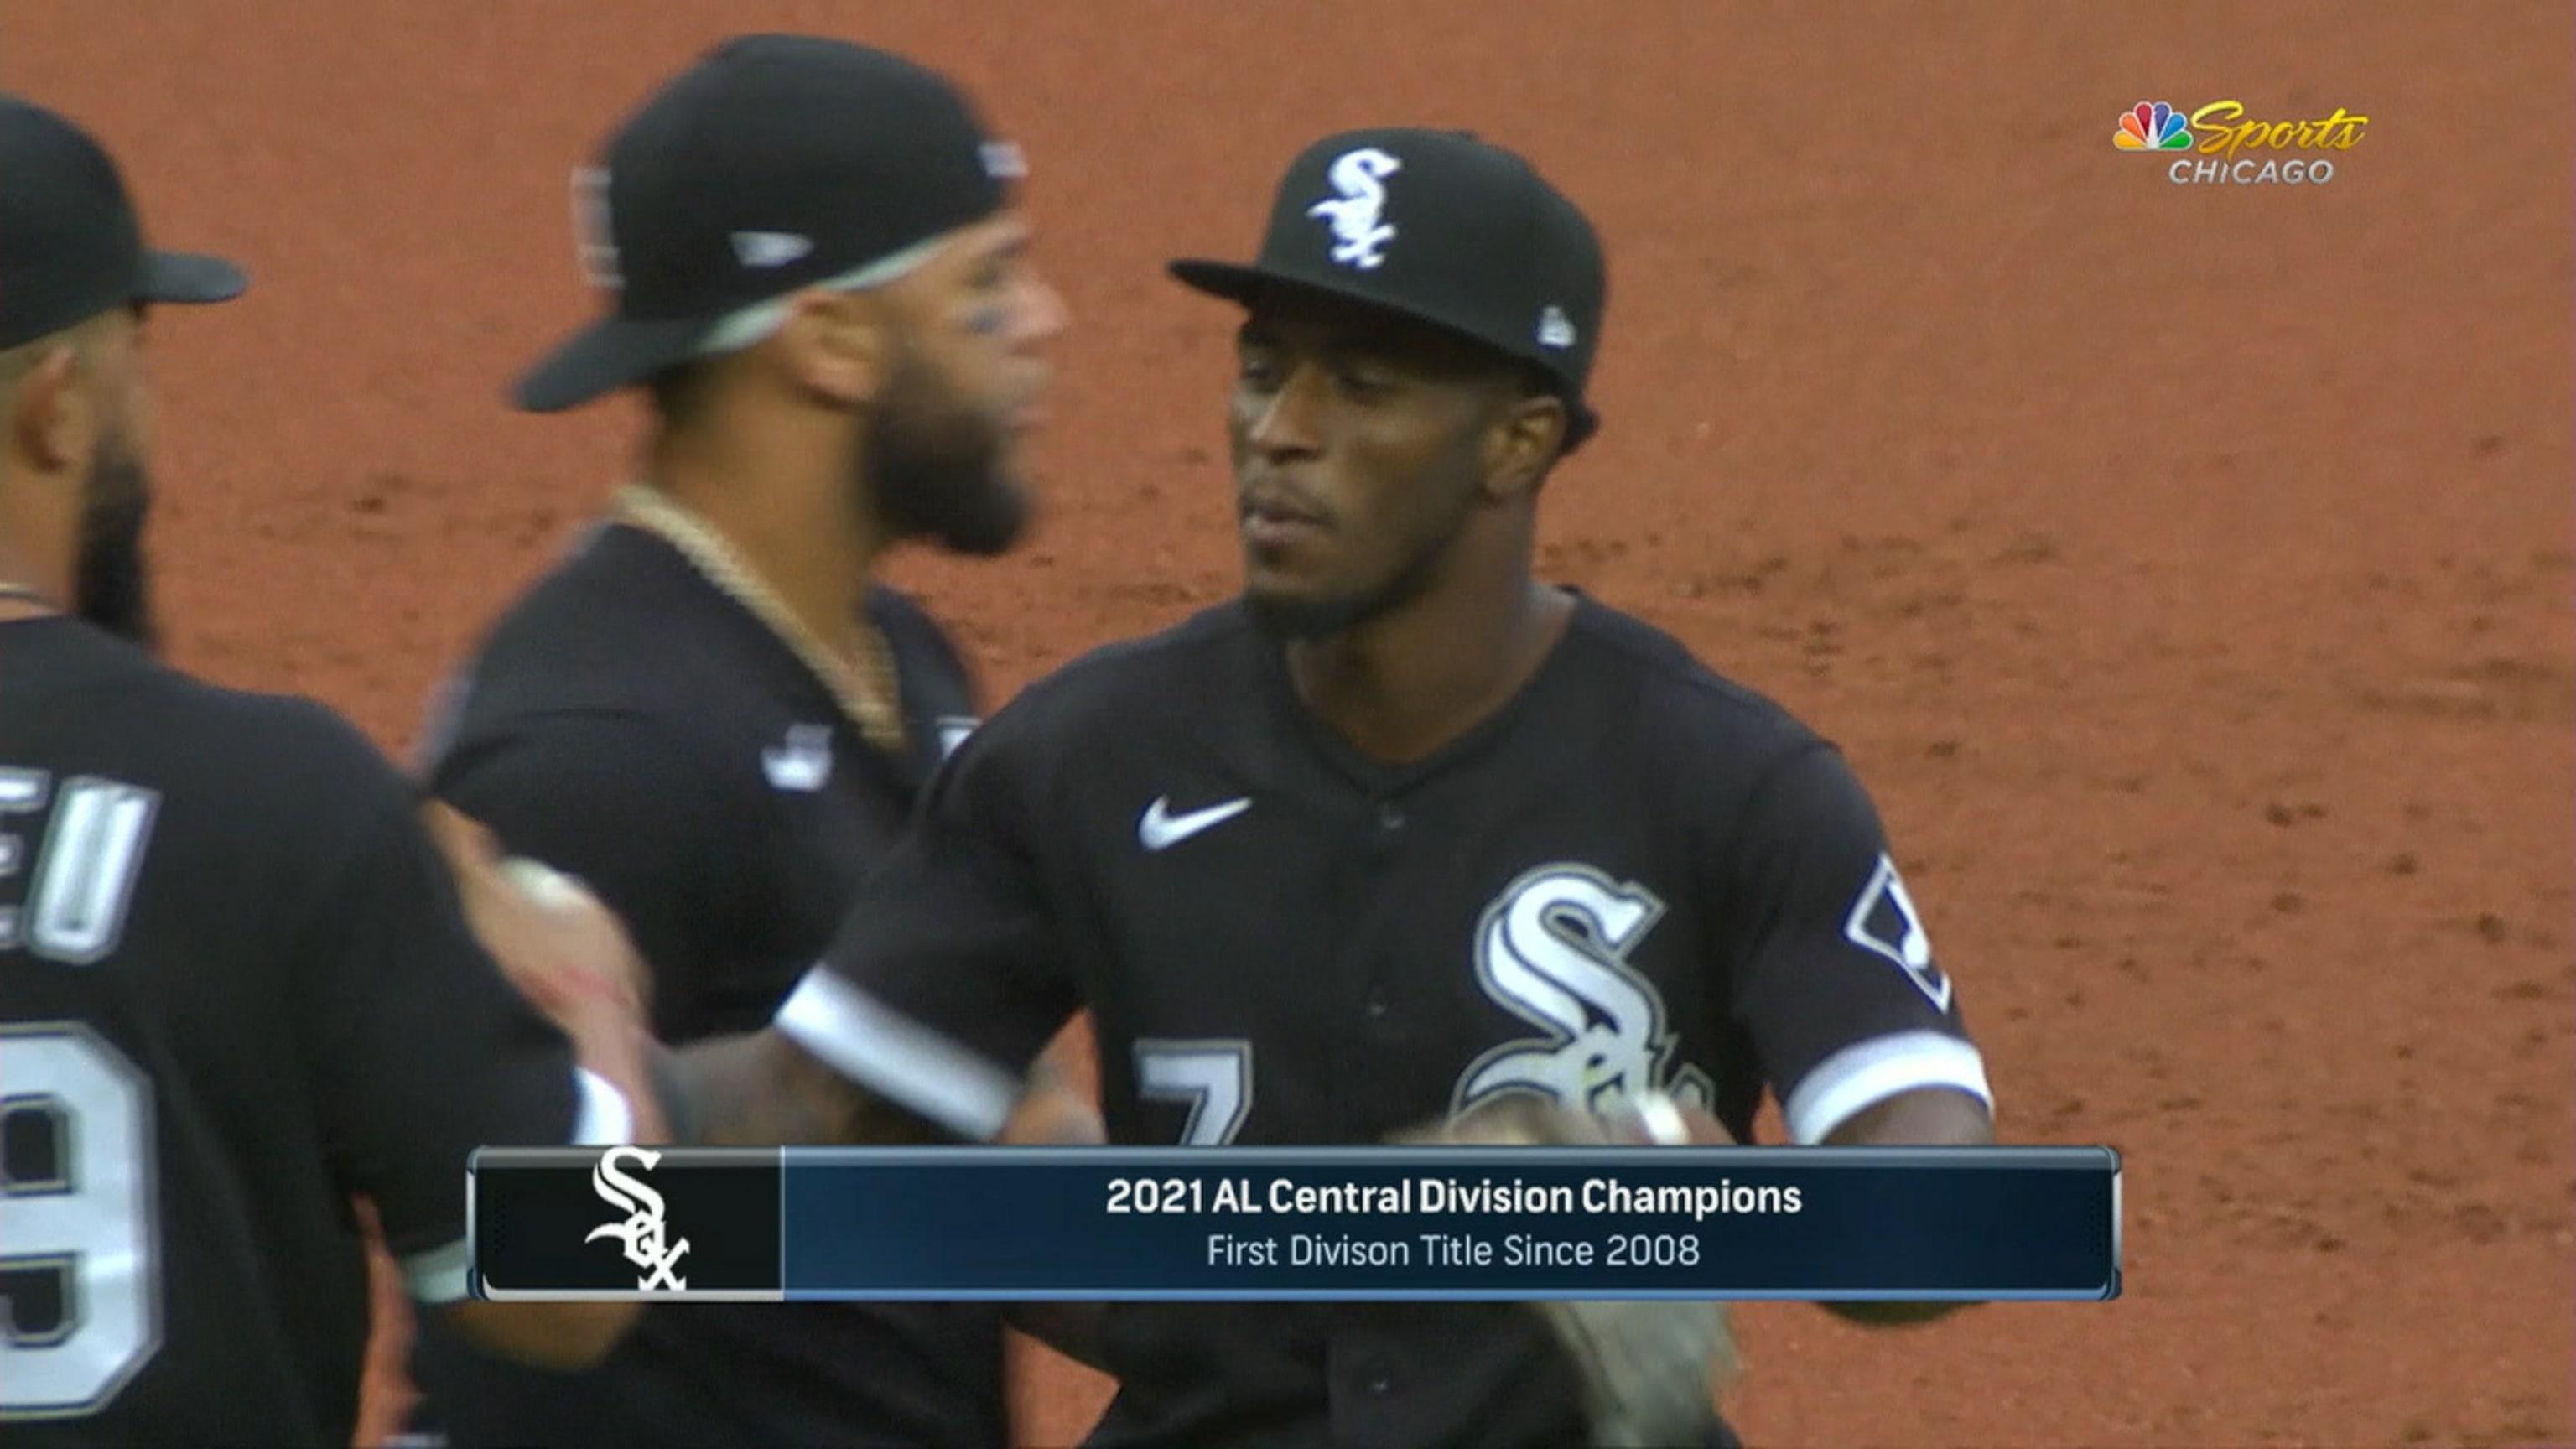 White Sox campeones de división